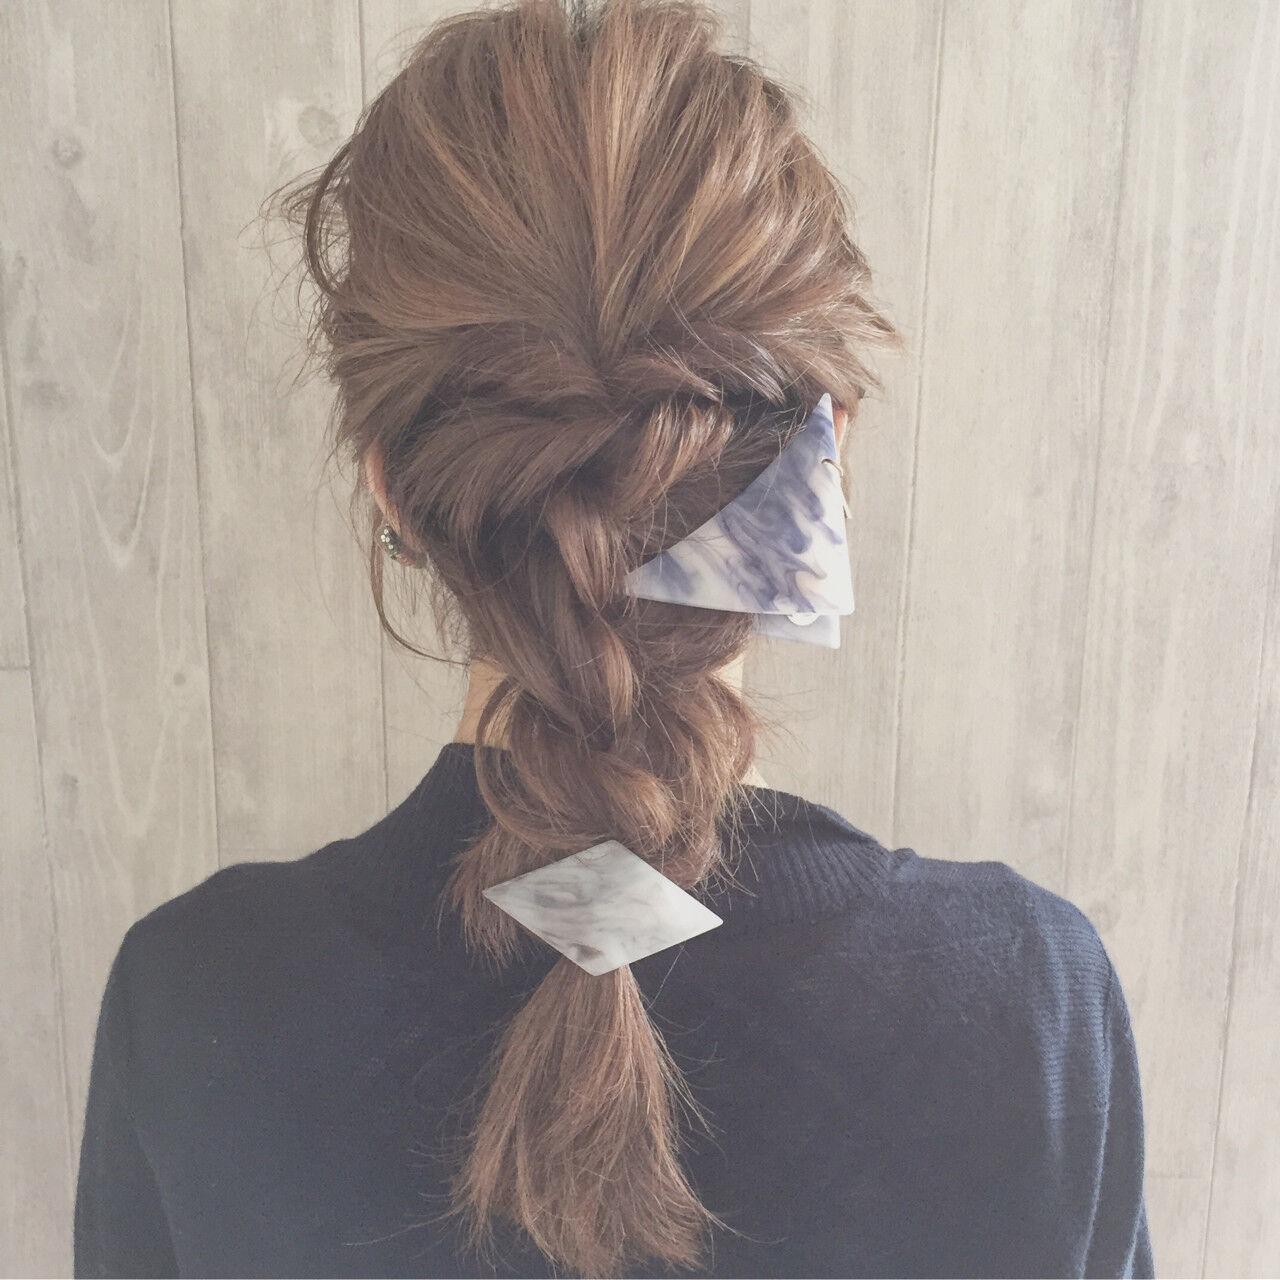 セミロング 三角クリップ 大人女子 大人かわいいヘアスタイルや髪型の写真・画像